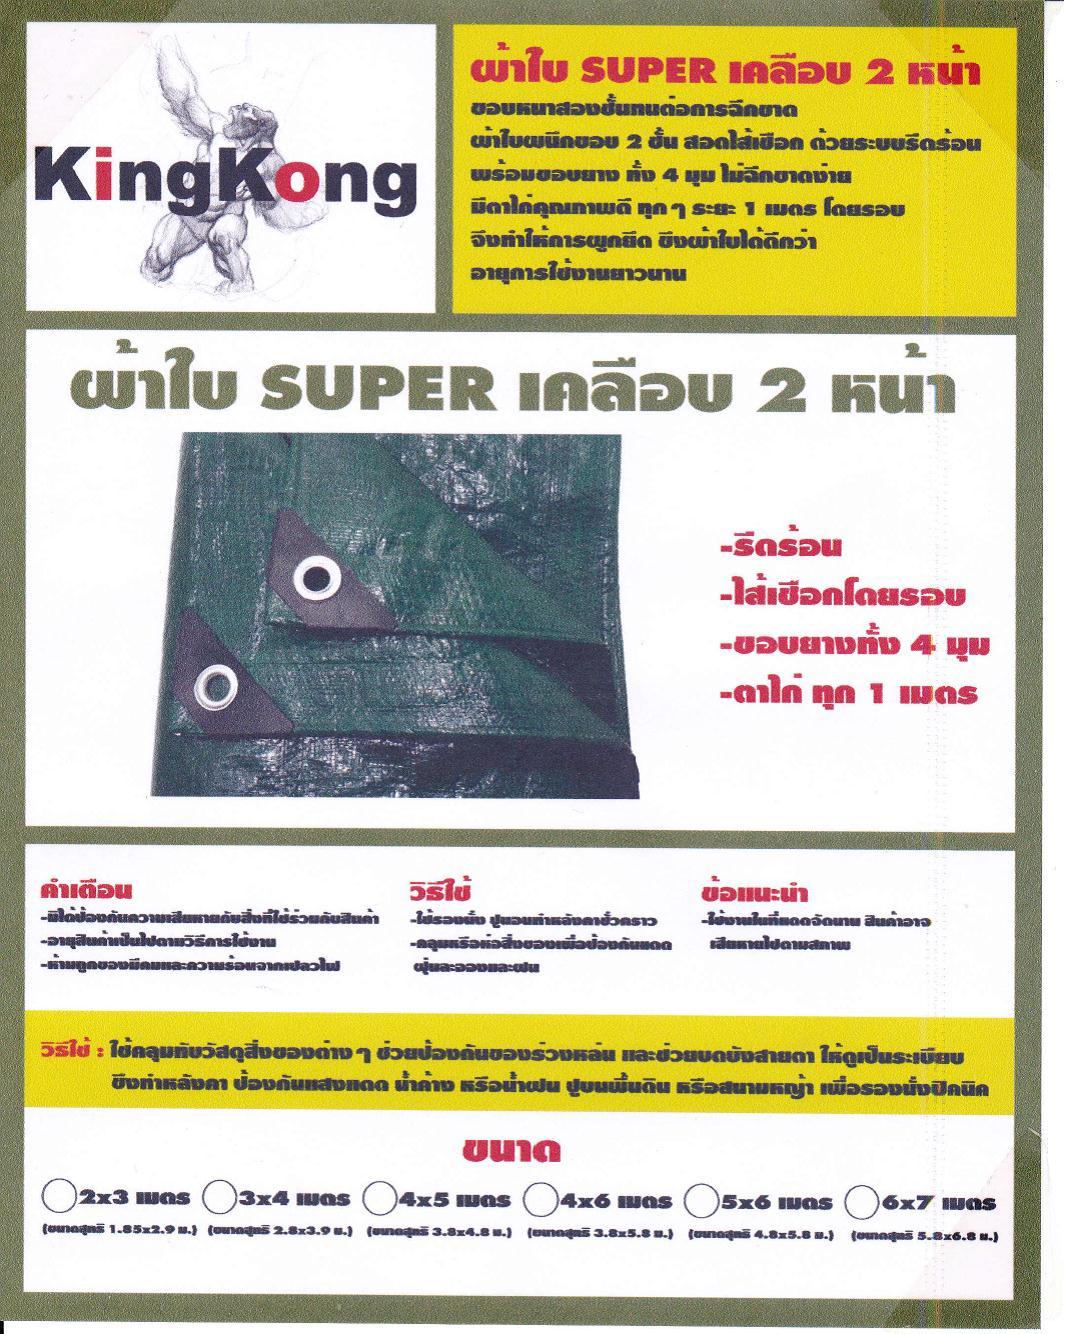 ผ้าใบ SUPER เคลือบ 2 หน้า สีขี้ม้า KINGKONG